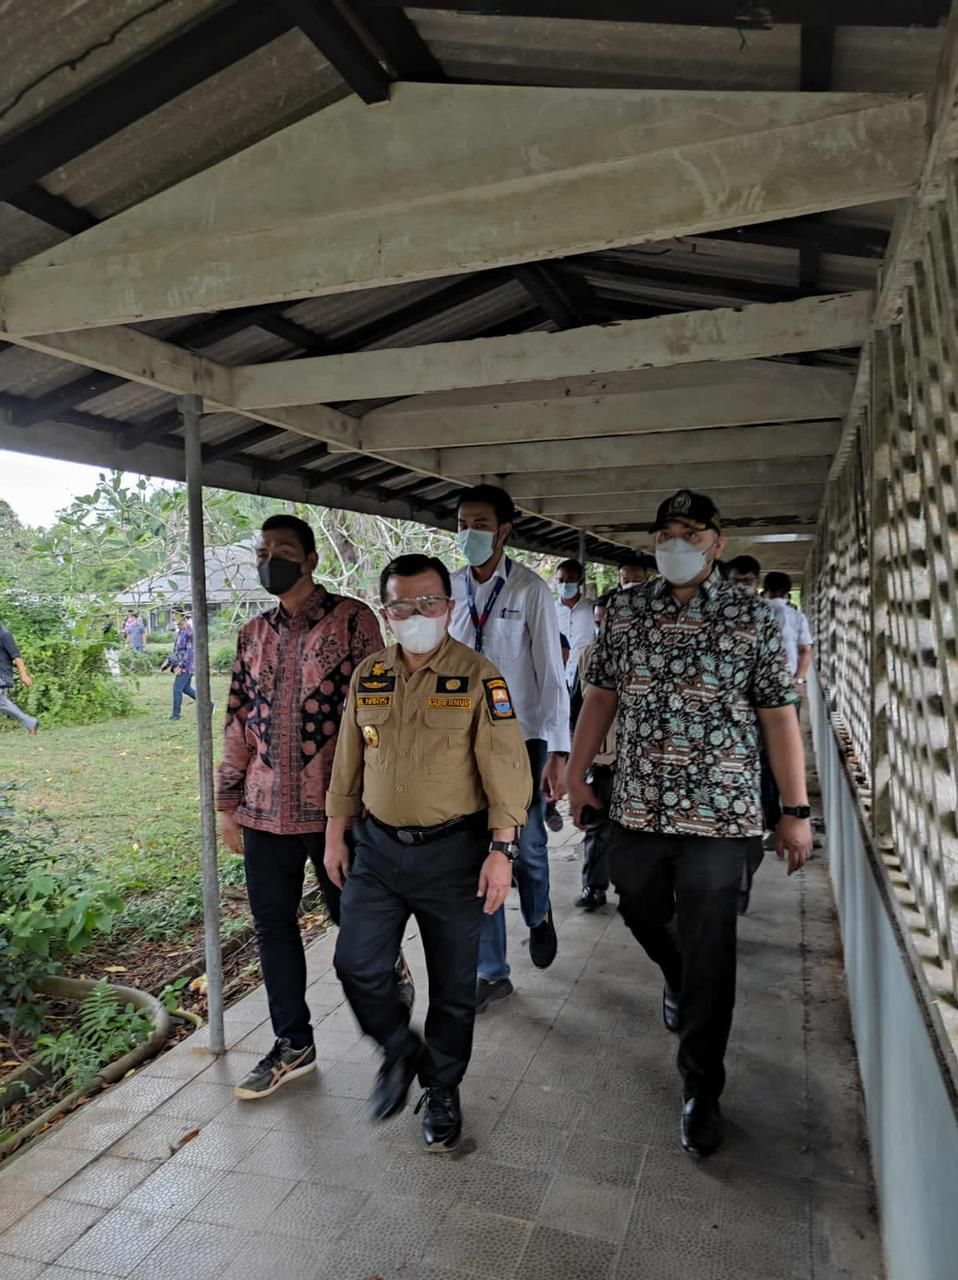 Wakil Ketua DPRD Provinsi Jambi Pinto Jayanegara ikut mendampingi Gubernur Jambi Al Haris Tinjau eks Rumah sakit pertamina di Bajubang akan di jadikan tempat parawatan pasien covid-19.